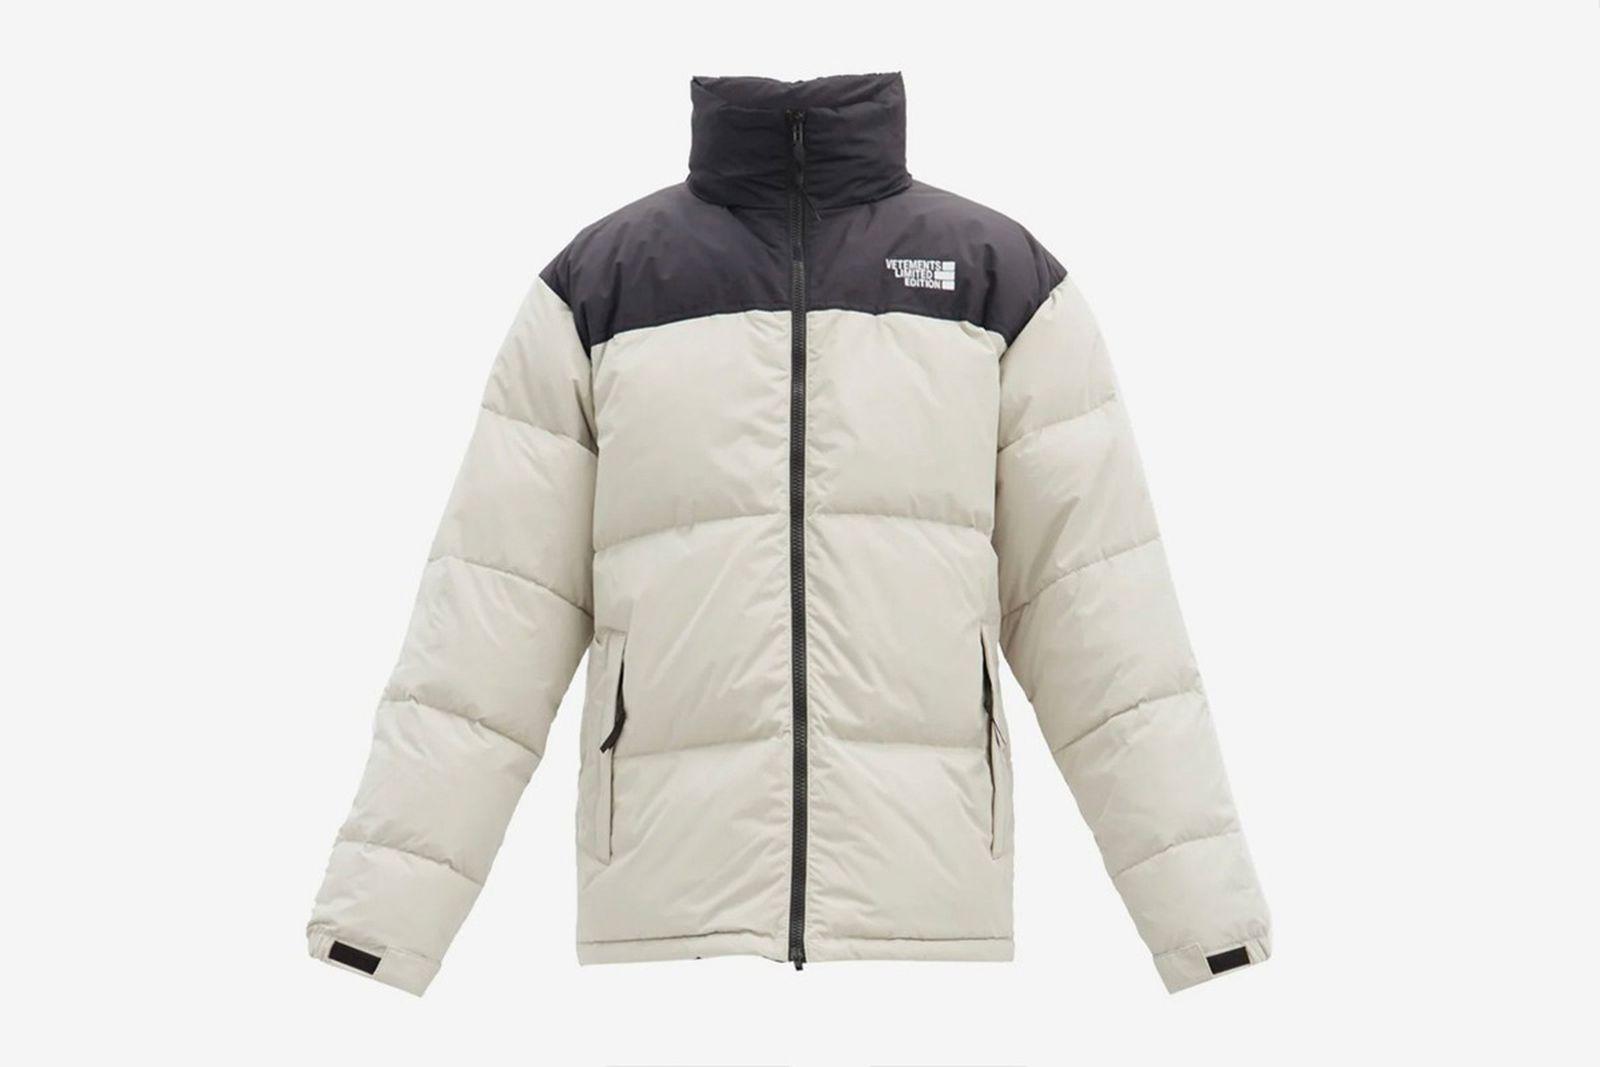 vetements-tnf-style-puffer-jacket-02